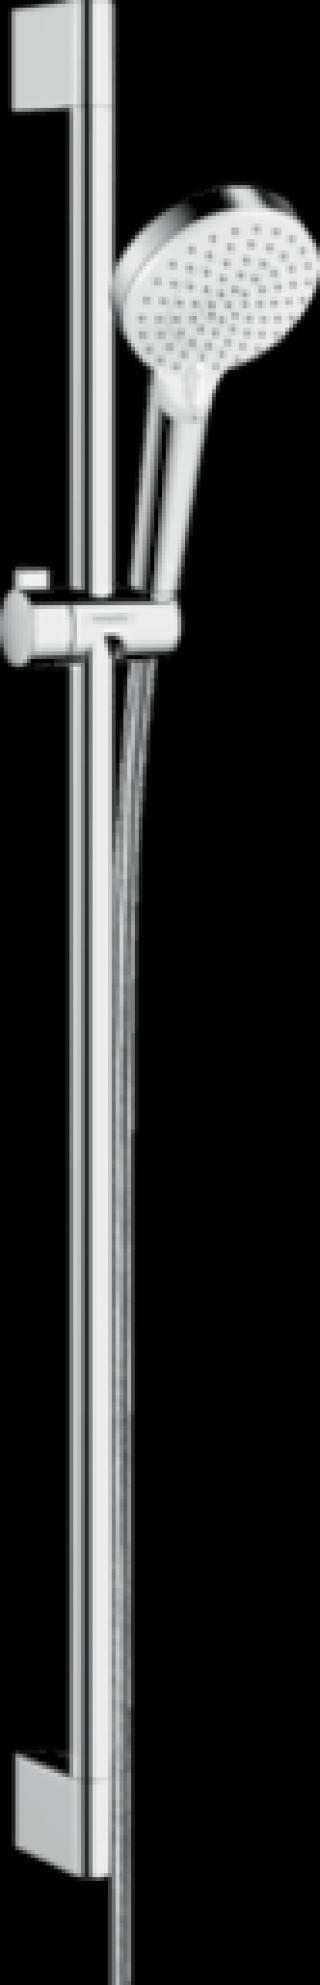 Sprchový set Hansgrohe Crometta bílá/chrom 26538400 chrom bílá